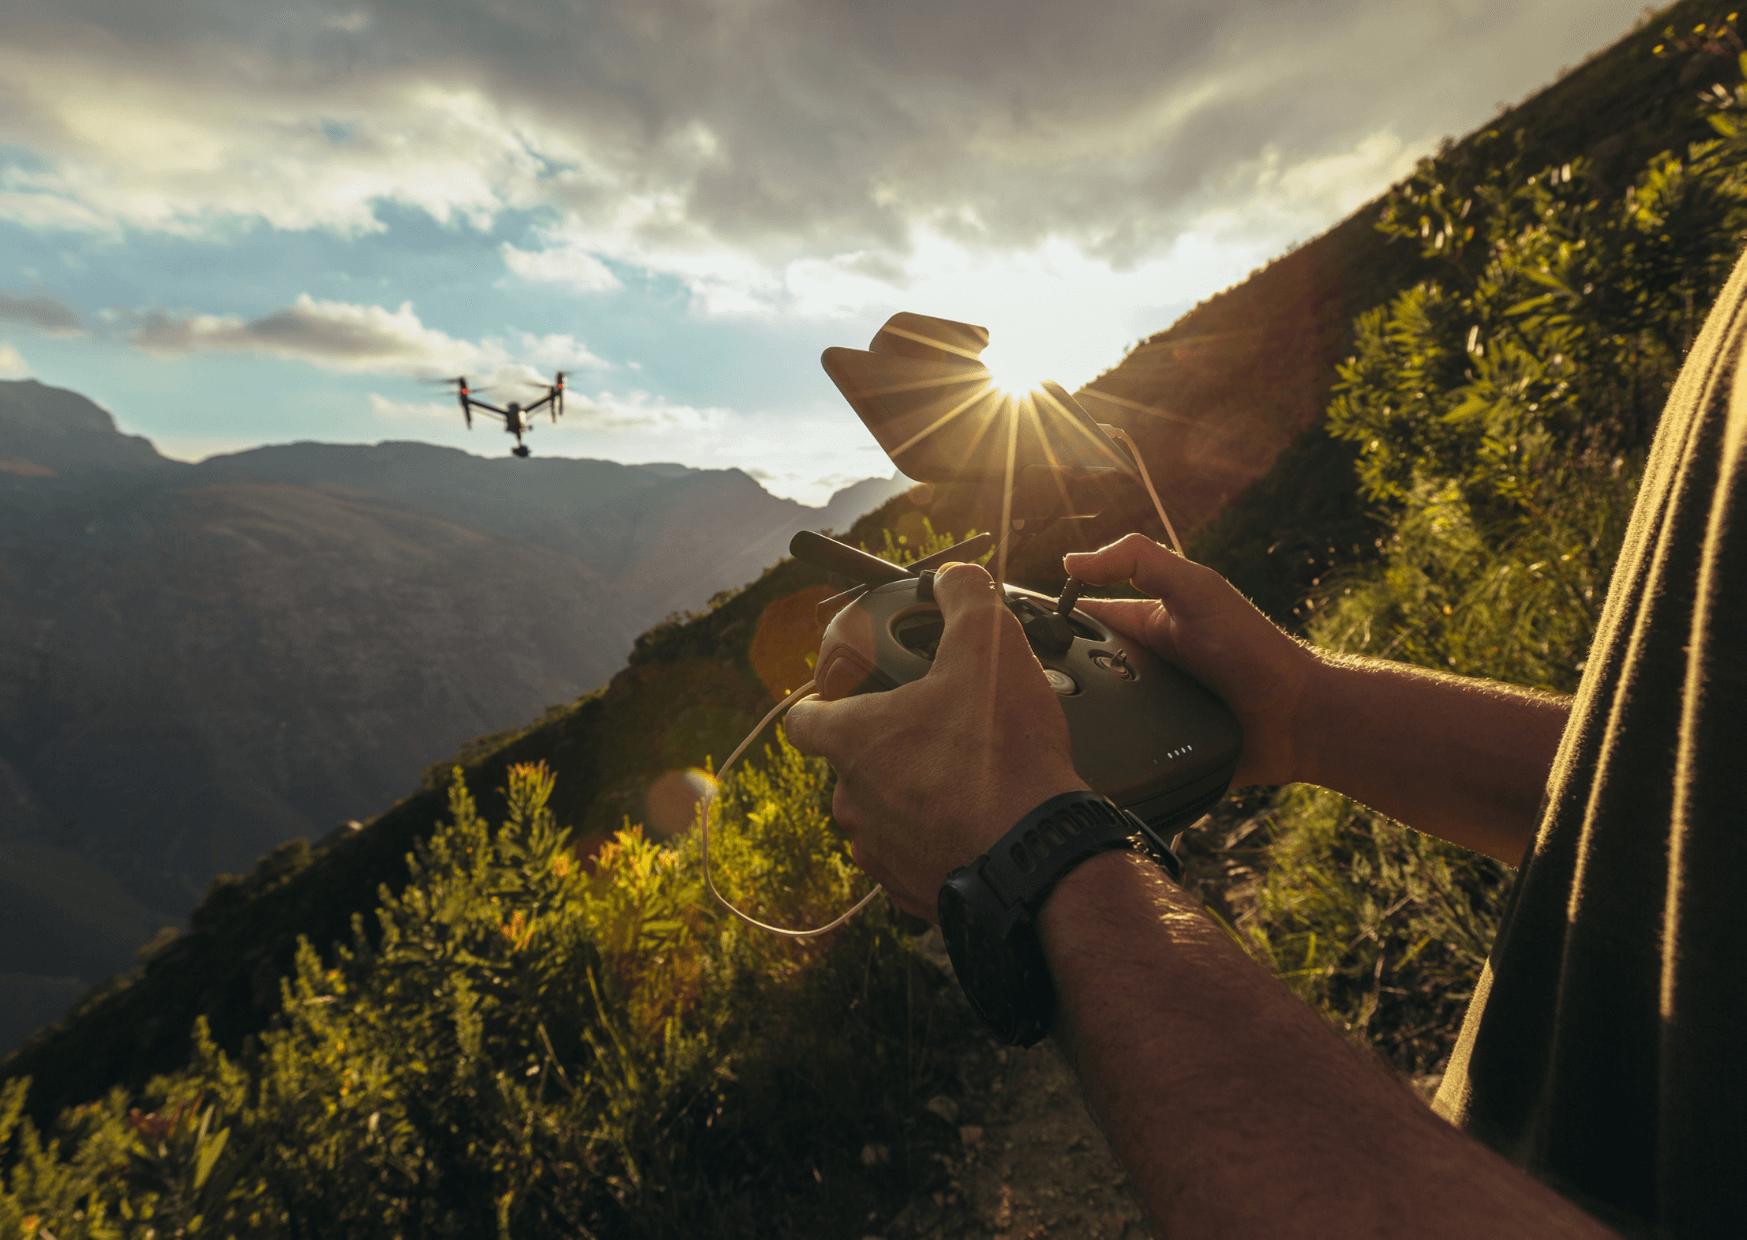 無人機飛手